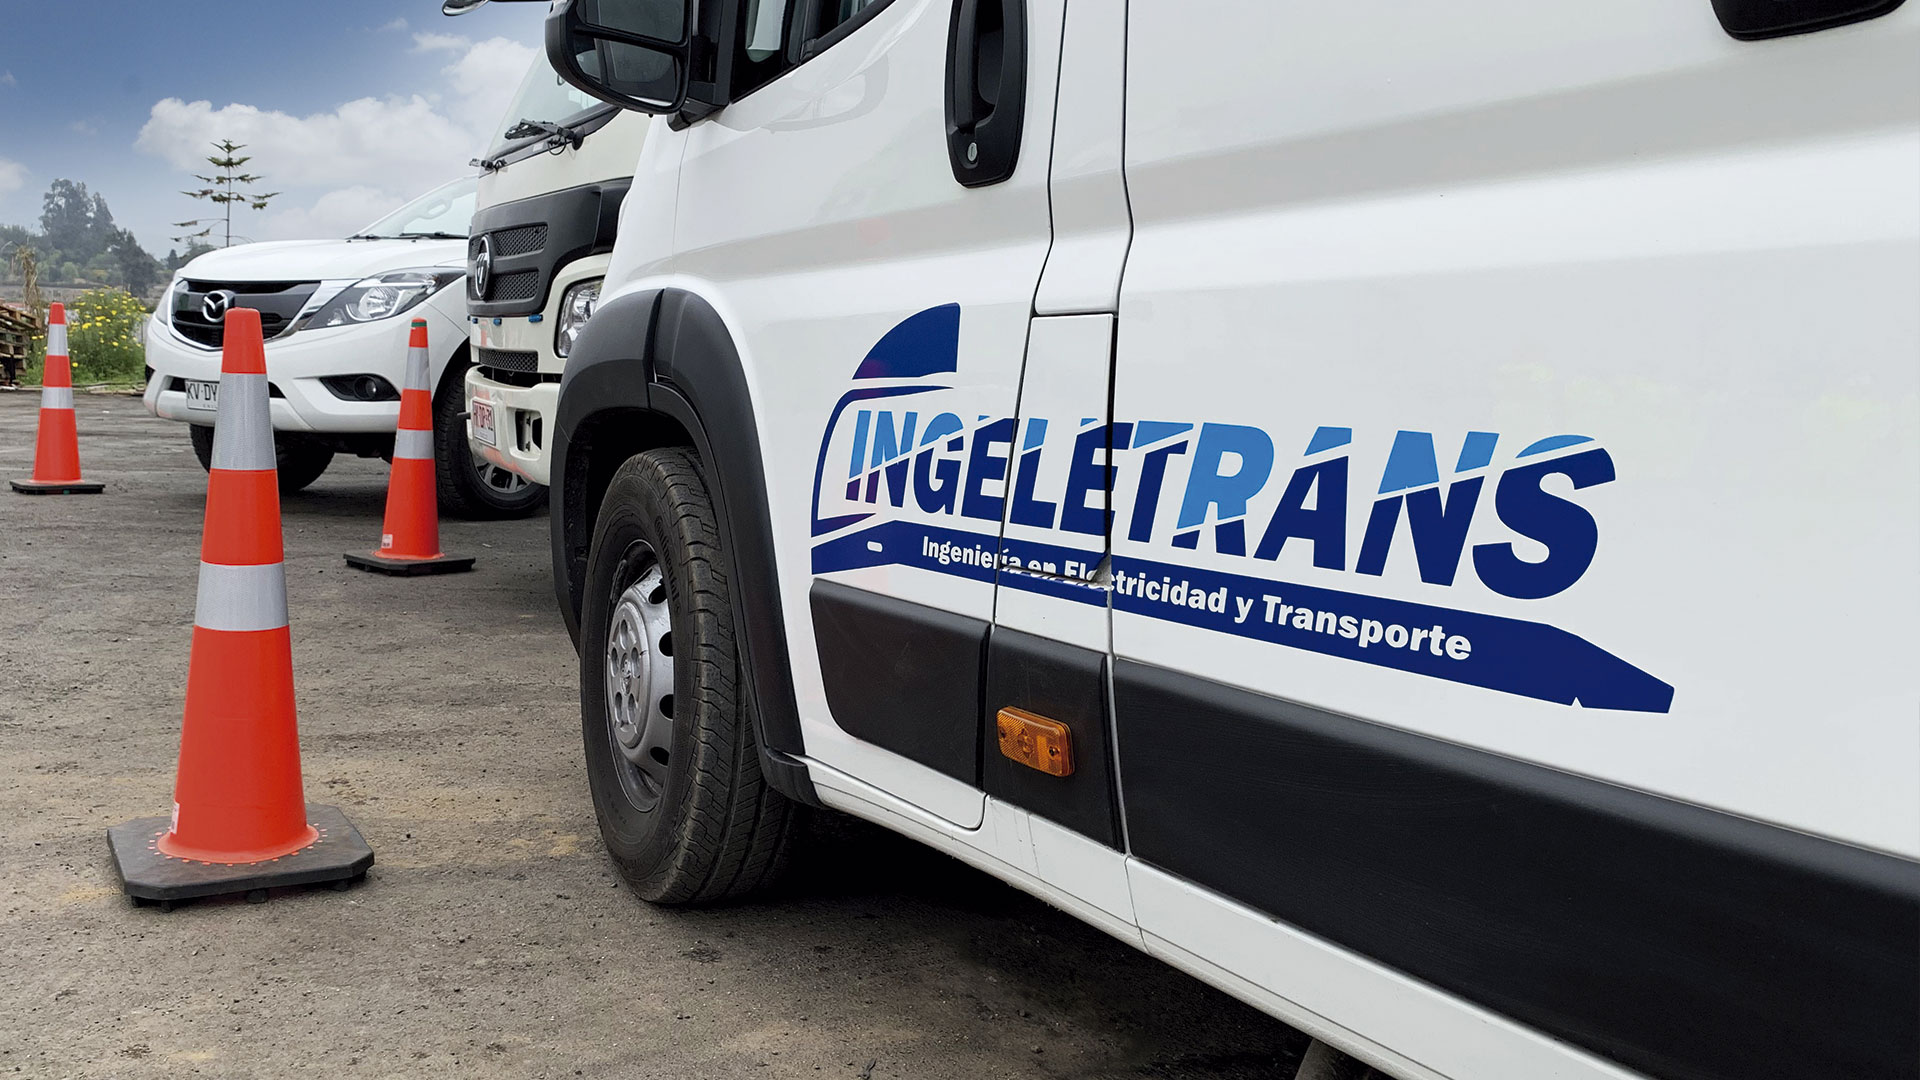 Ingeletrans - Transporte